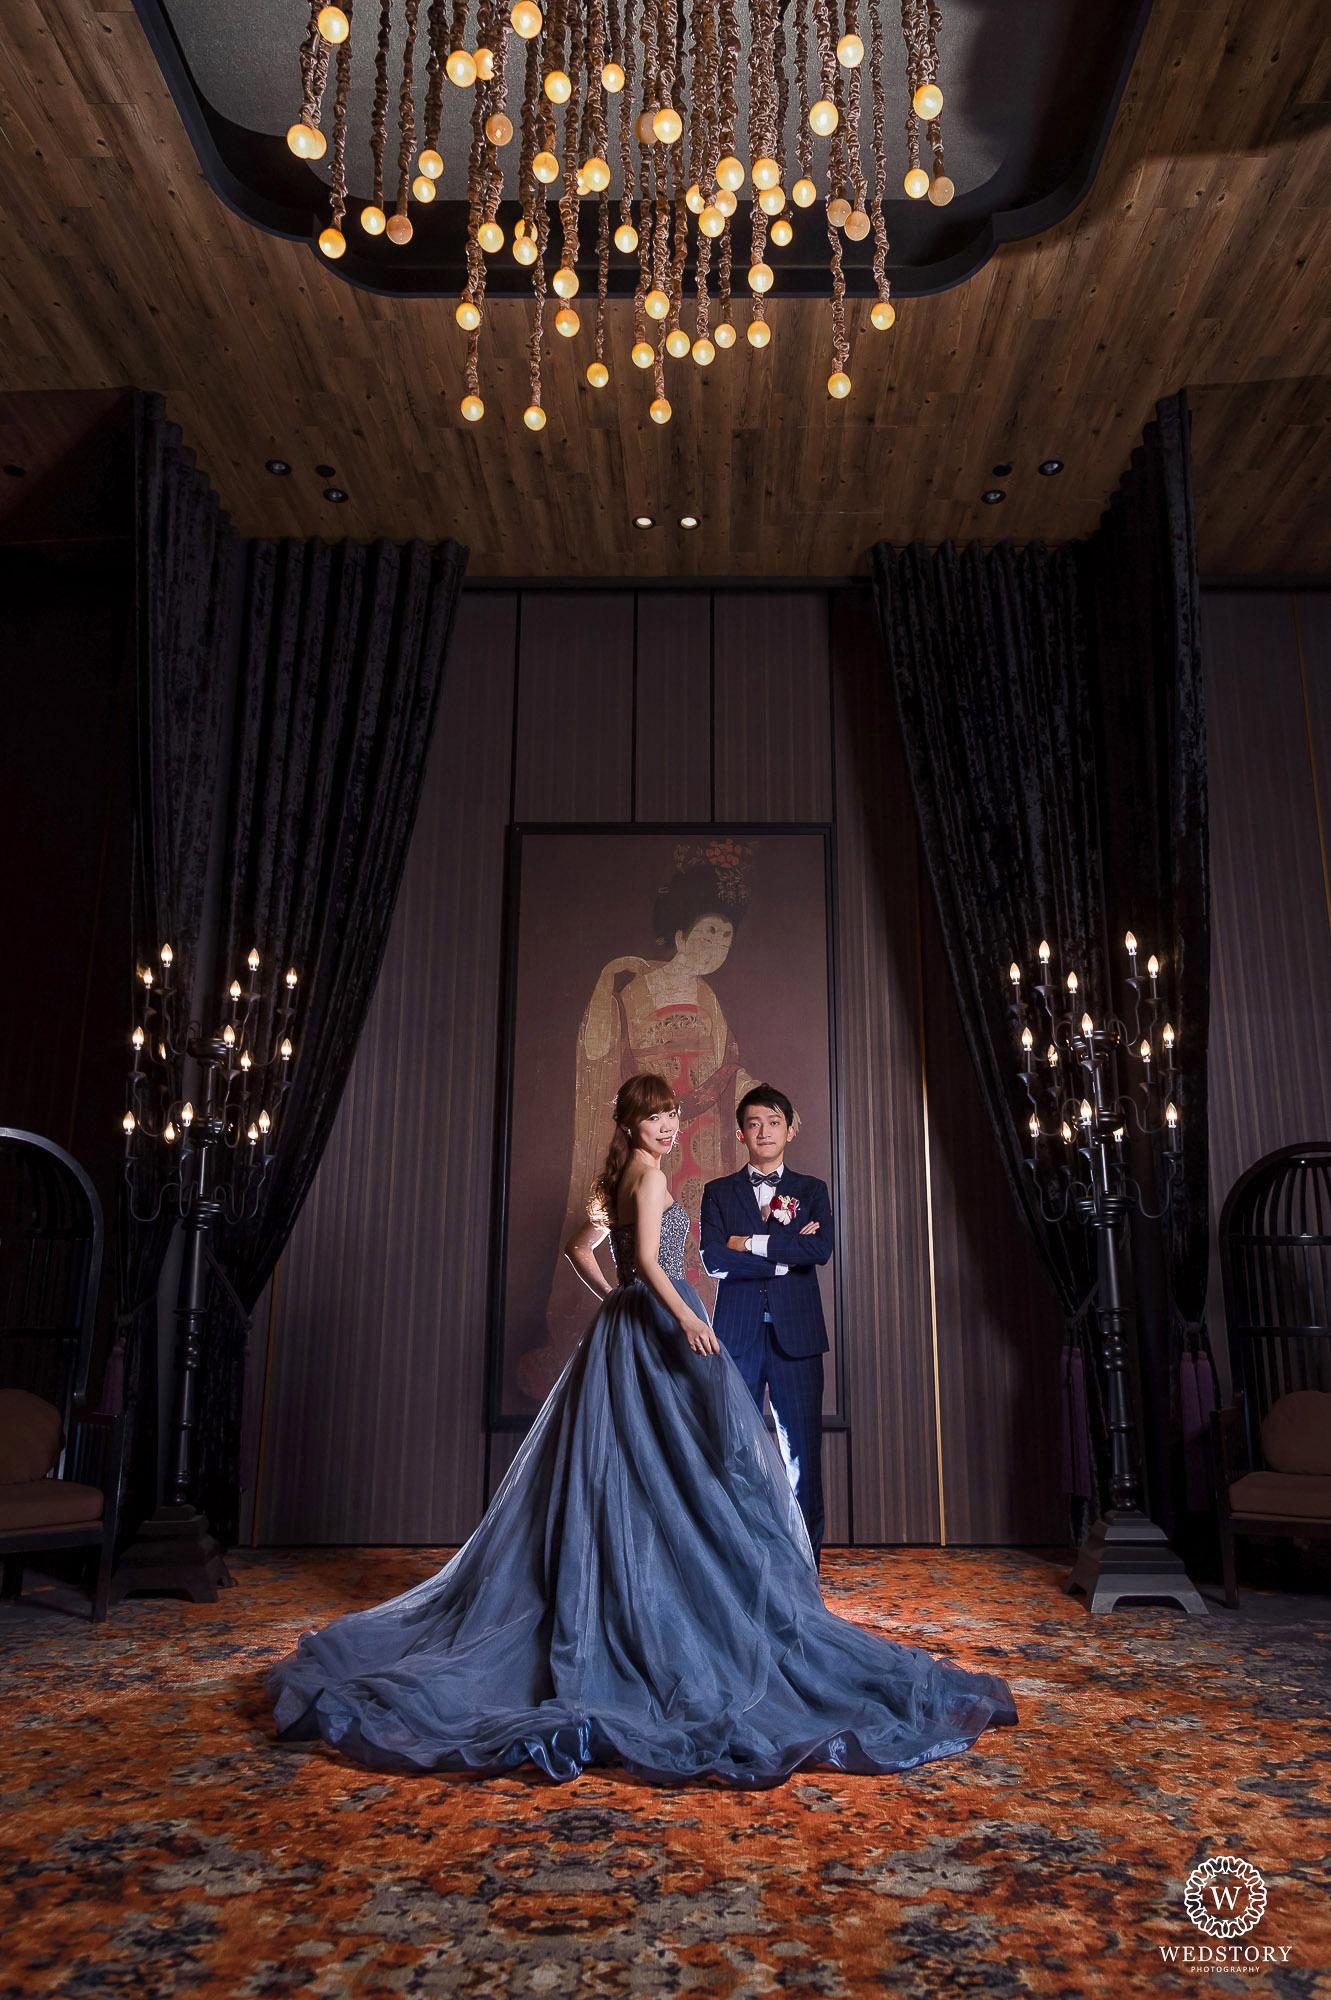 高雄晶綺盛宴婚攝106,銀河廳,珍珠廳,婚攝推薦,婚禮攝影,婚禮紀錄